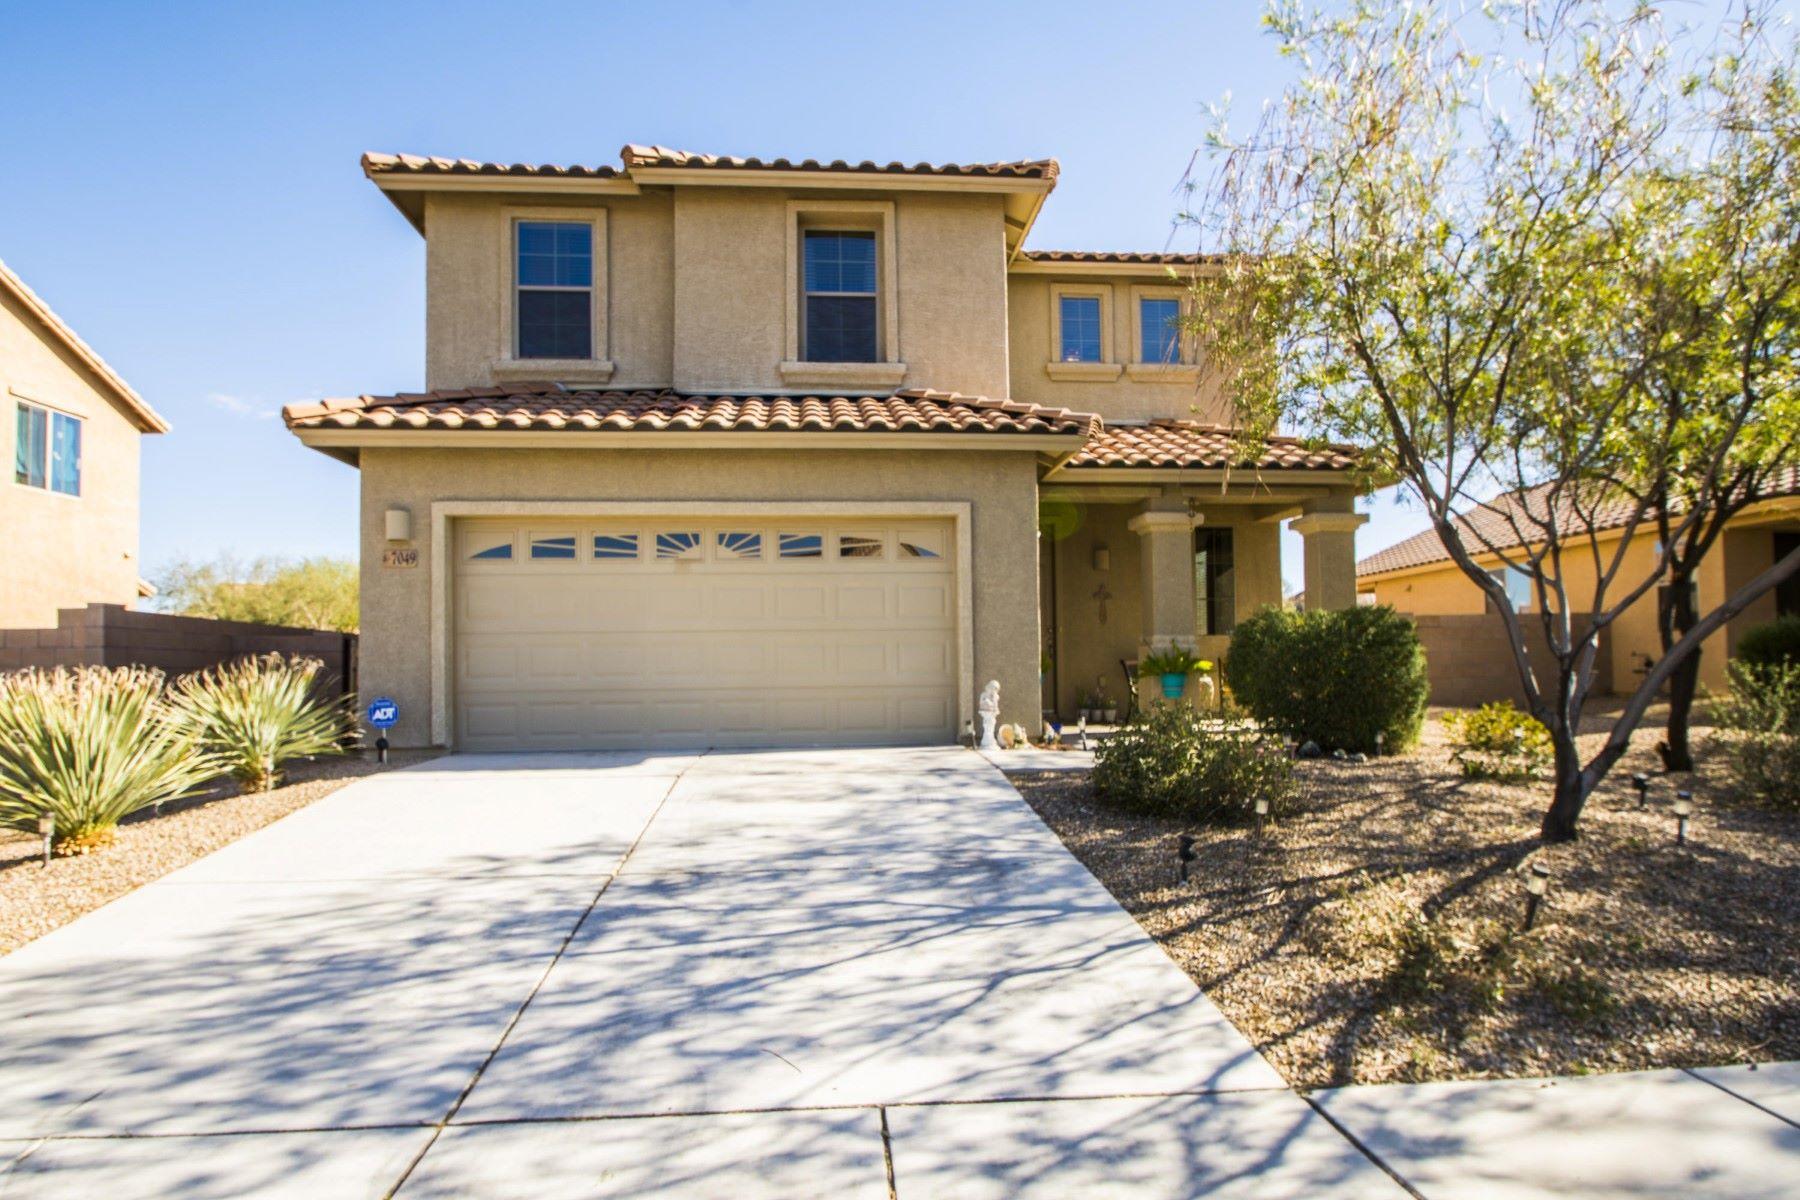 Maison unifamiliale pour l Vente à Beautiful home in Star Valley 7049 W Fall Haven Way Tucson, Arizona, 85757 États-Unis